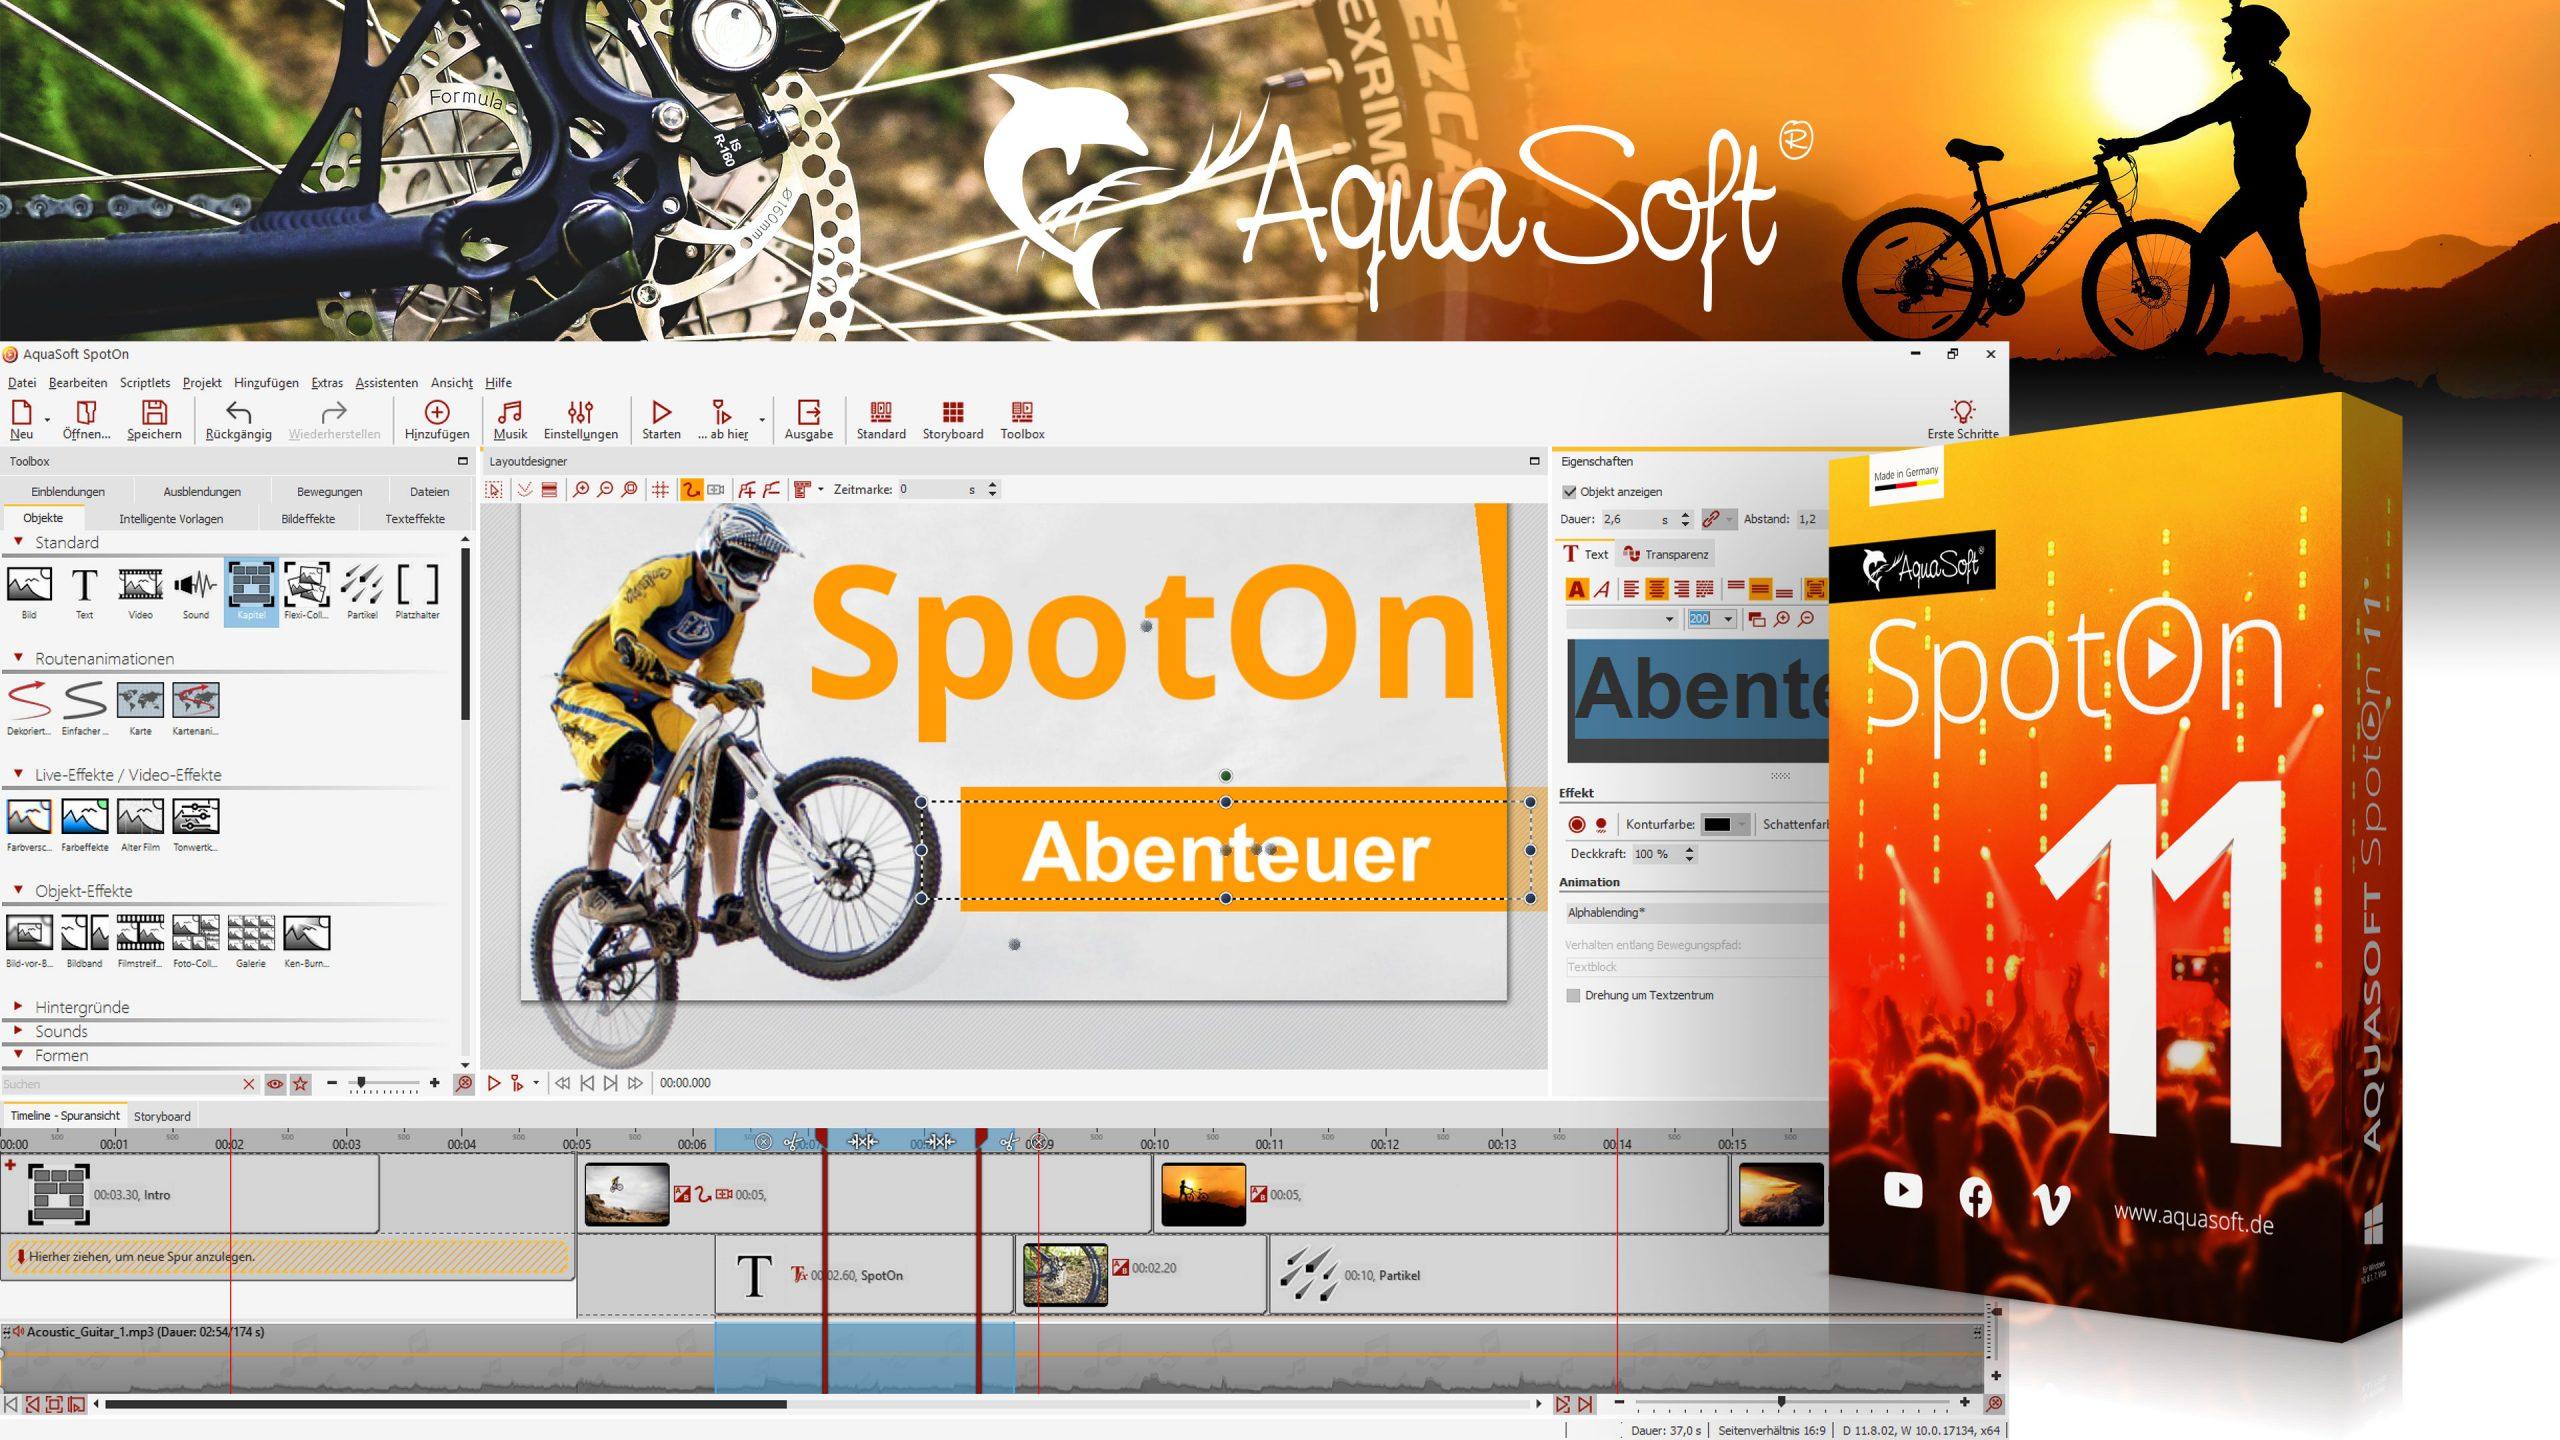 AquaSoft SpotOn 11 ist eine kostenlose Videoschnitt-Software zum unkomplizierten Bearbeiten und Teilen bei Instagram, YouTube, Facebook & Co.